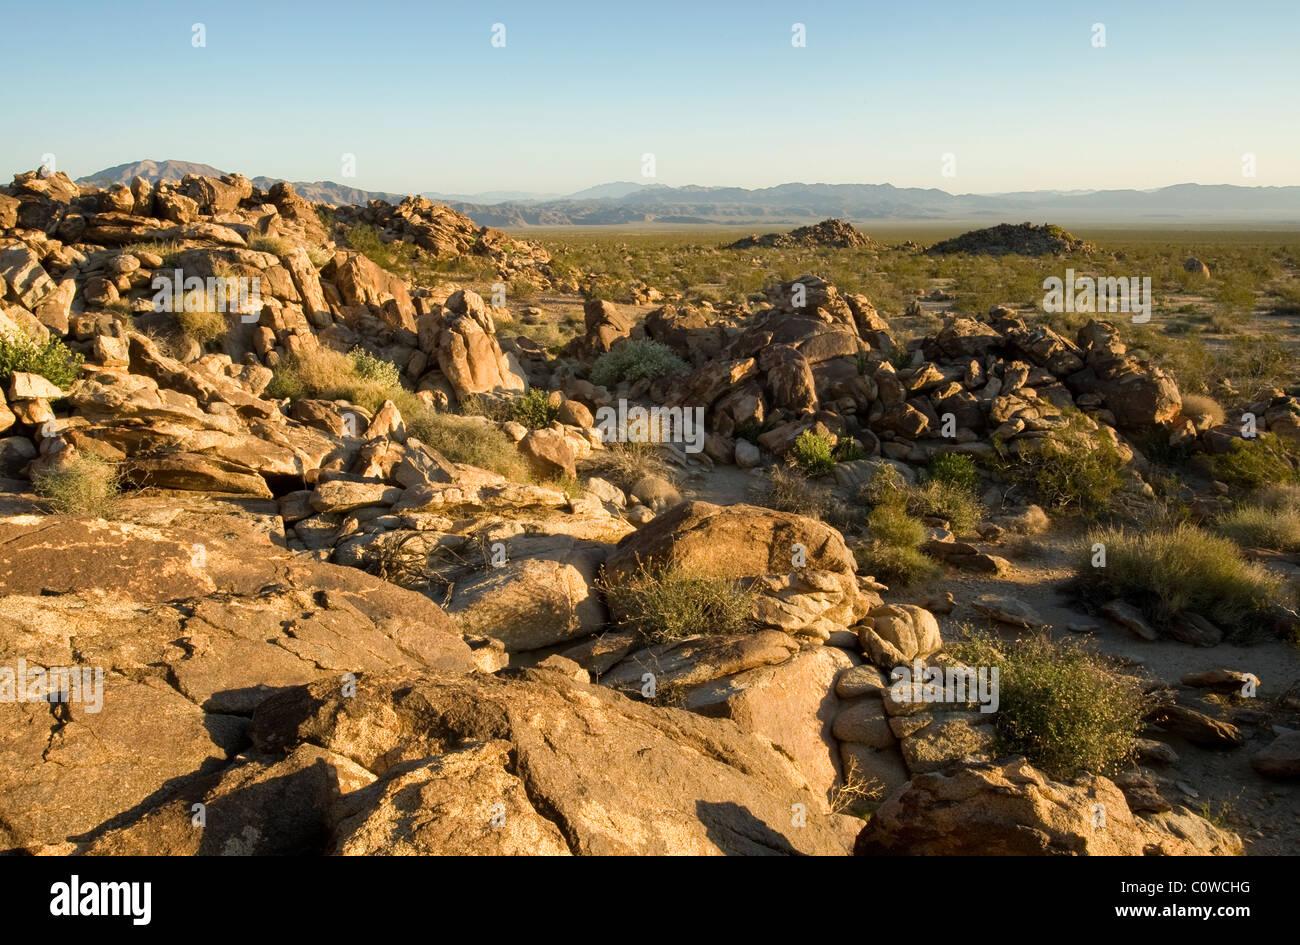 El Desierto de Mojave, California Imagen De Stock